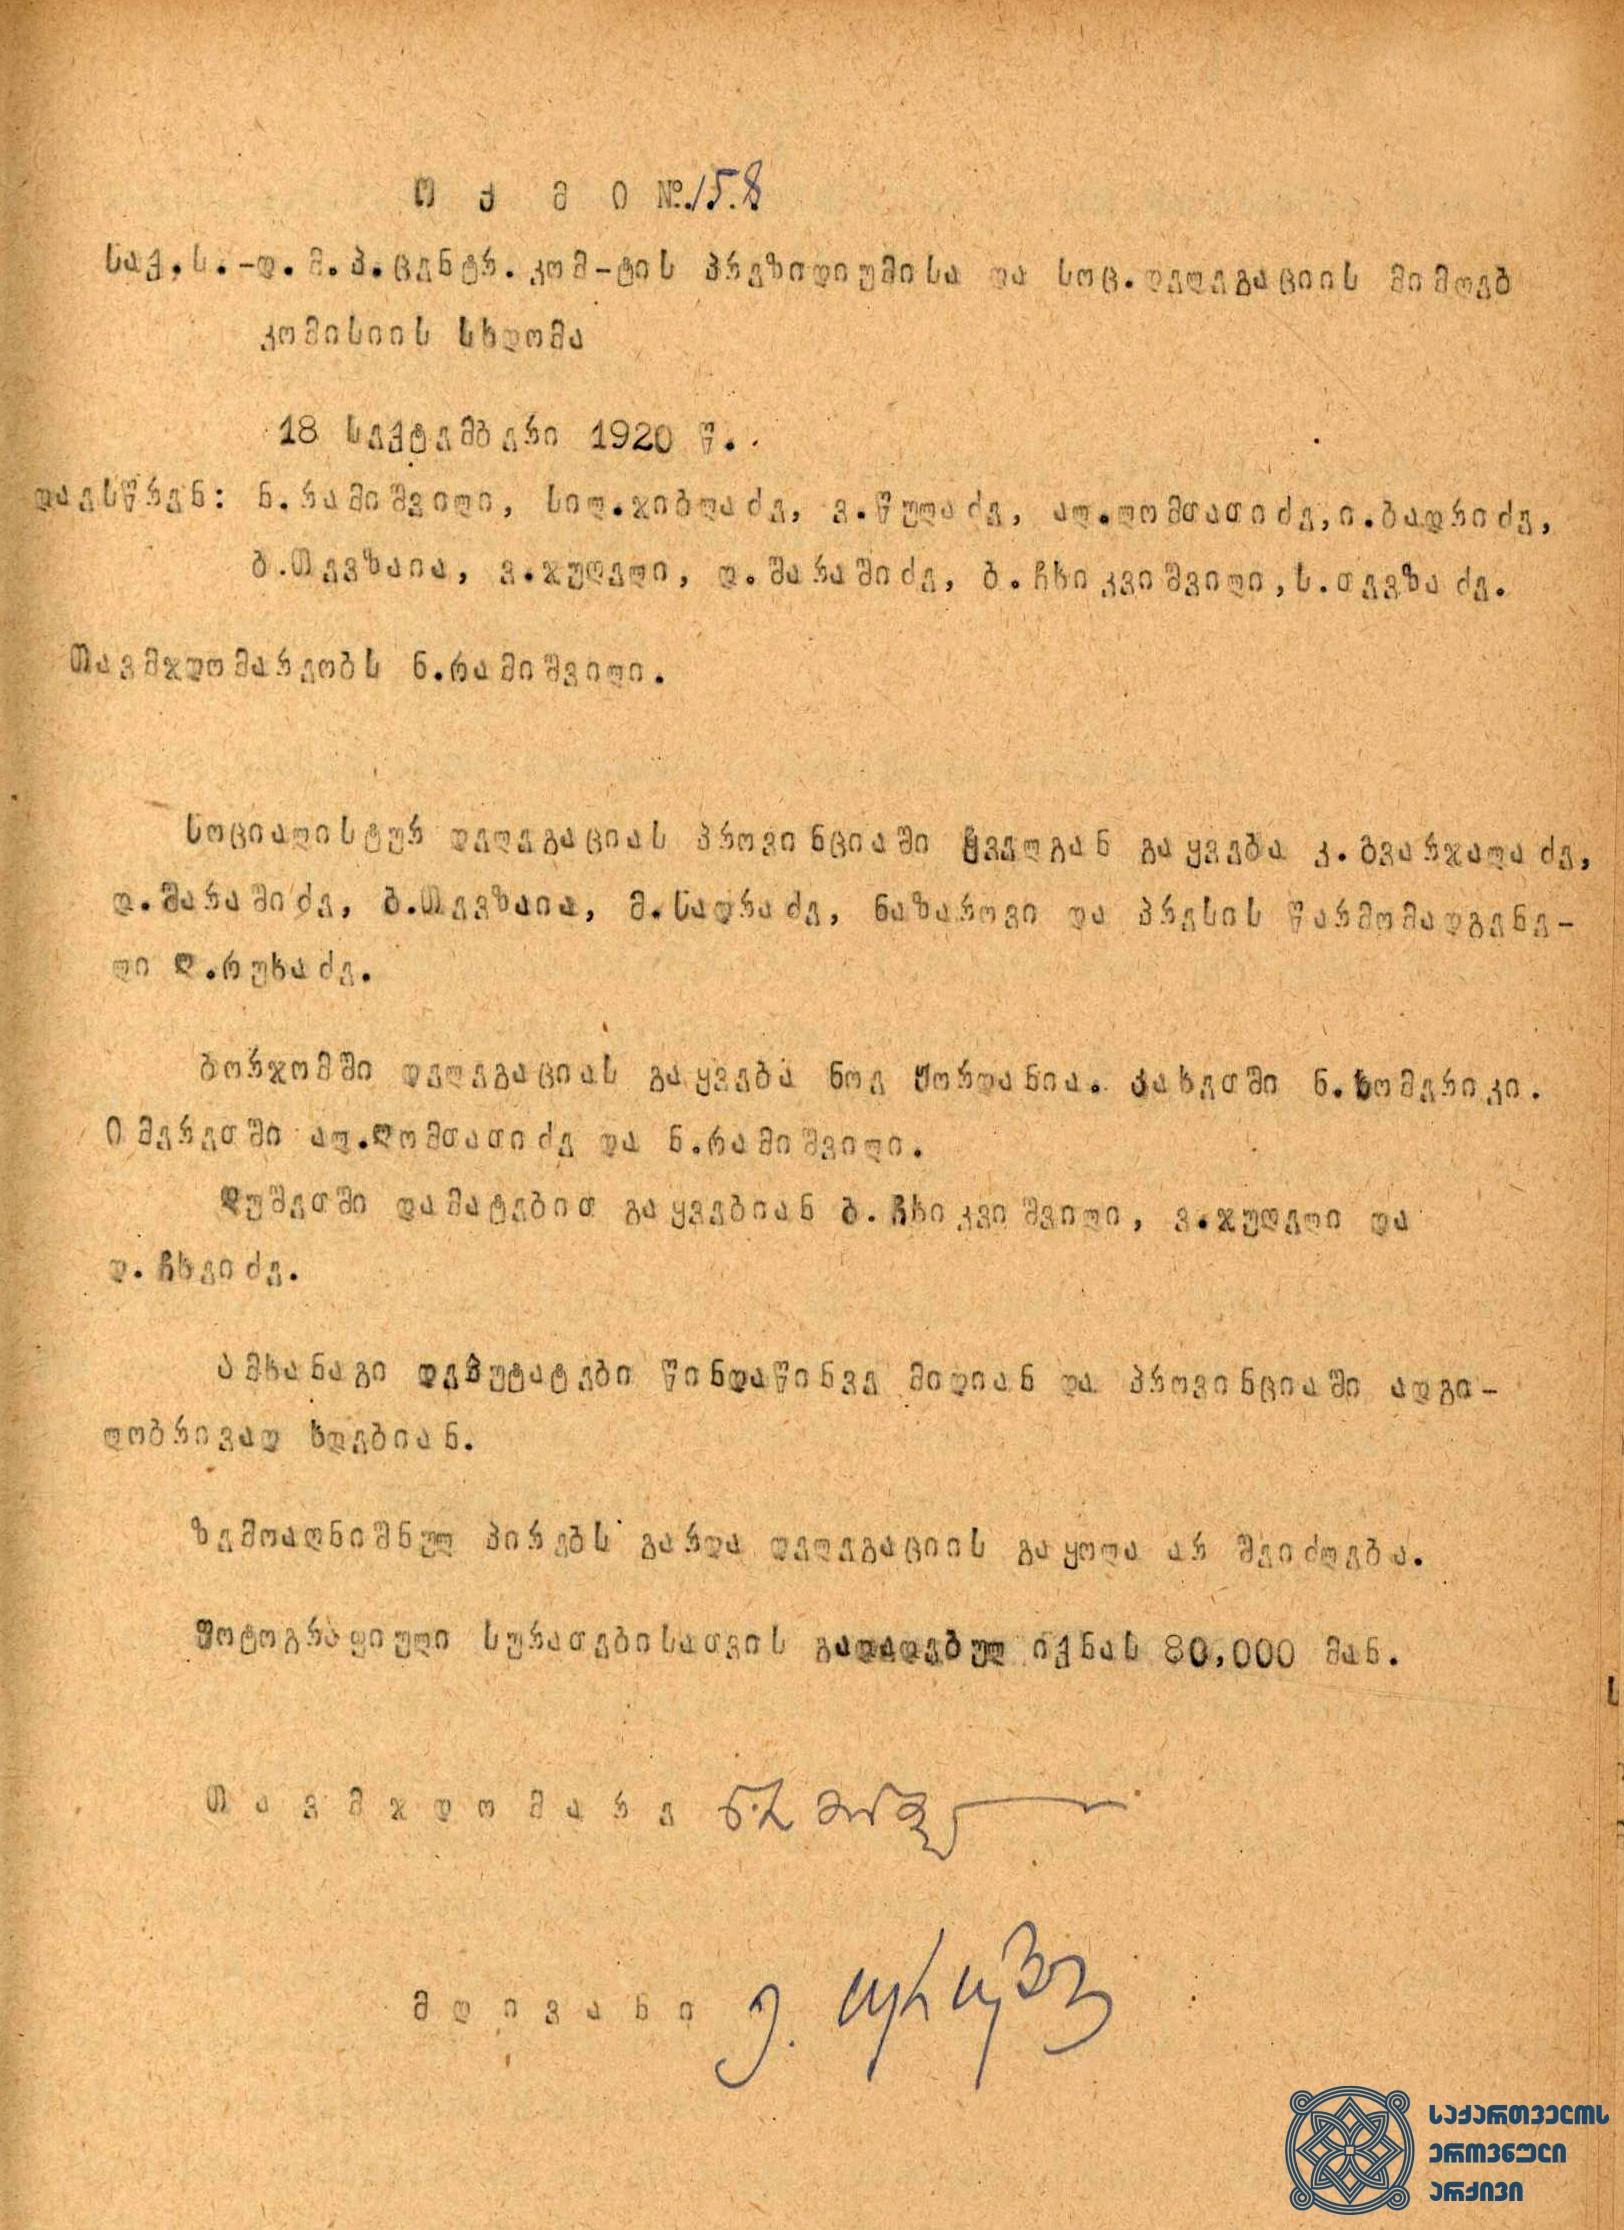 საქართველოს სოციალ-დემოკრატიული მუშათა პარტიის ცენტრალური კომიტეტისა და სოციალისტური დელგაციის მიმღები კომისიის 17 სექტემბერის სხდომის ოქმი. მეორე სოციალისტური ინტერნაციონალის დელეგაციის რეგიონებში ვიზიტებისას მათ გამყოლ პირთა სია. <br> Minutes of the September 17 sitting of the Central Committee of the Social-Democratic Workers' Party of Georgia and the Admission Commission of the Socialist Delegation. List of persons accompanying the delegation of the Second Socialist International while their visits to the regions.